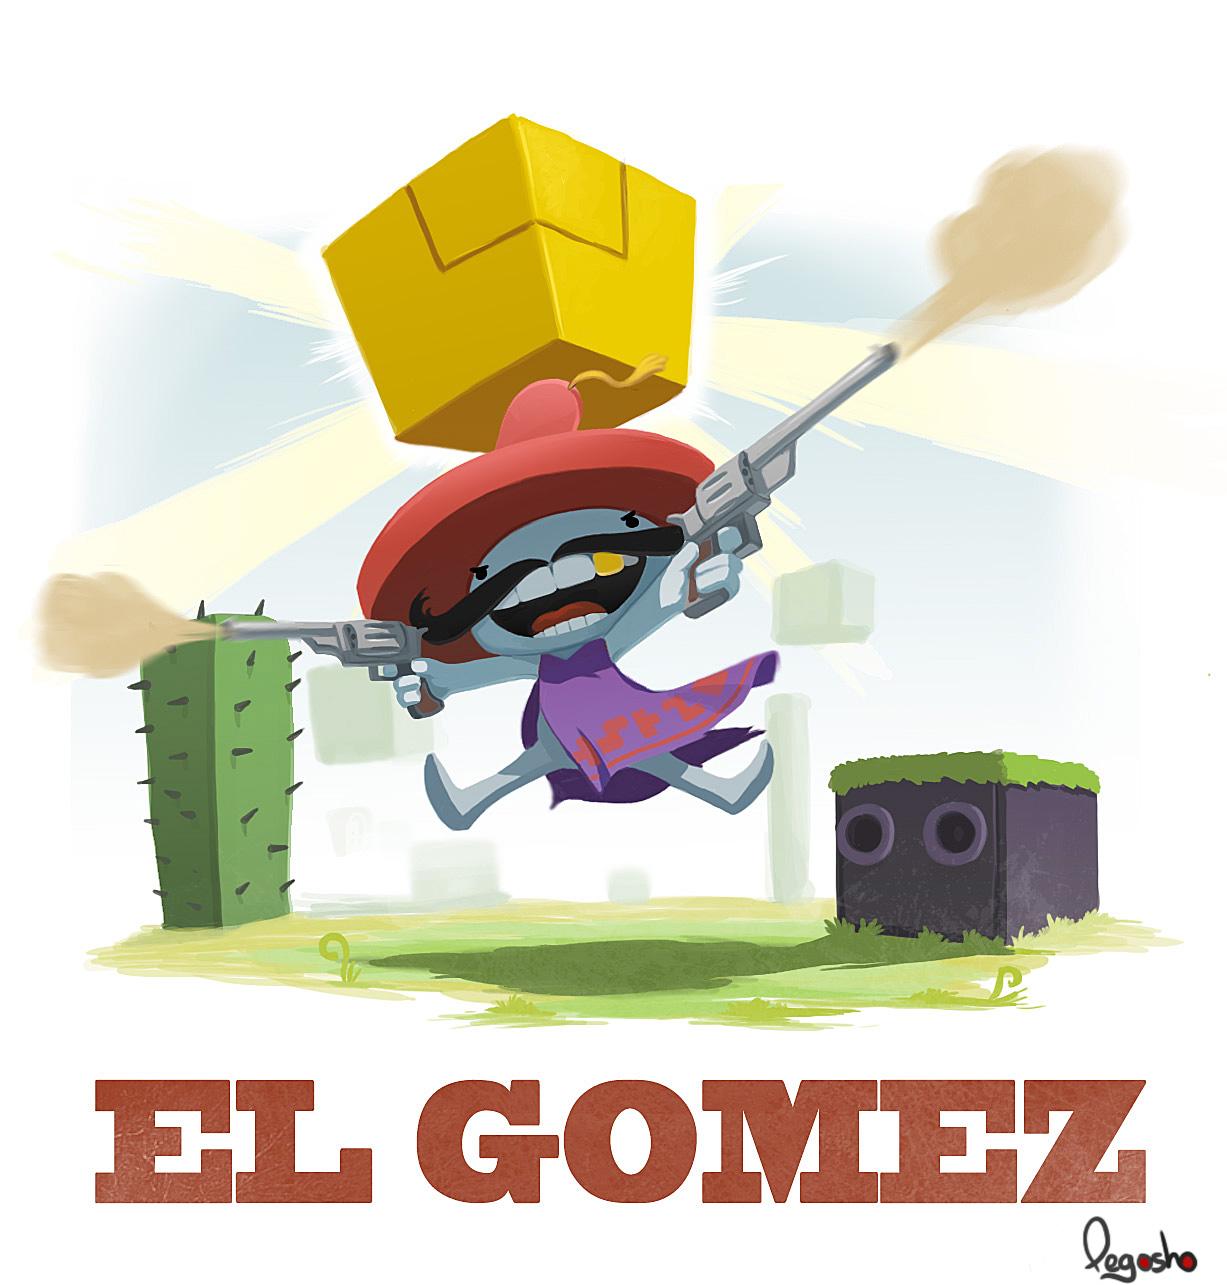 El Gomez